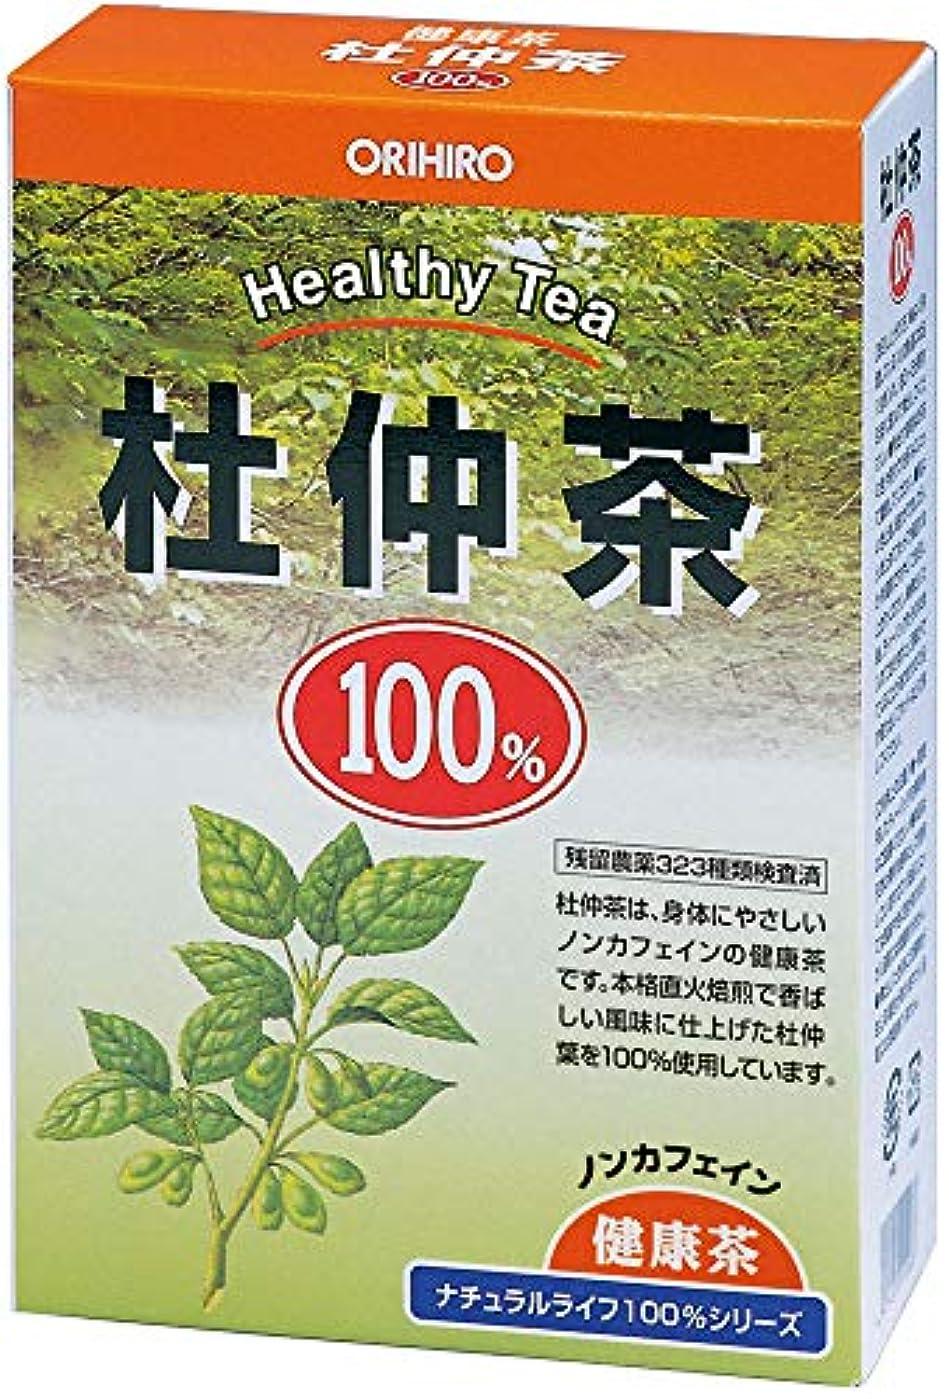 魅力的であることへのアピール潤滑するヒュームオリヒロ NLティー100% 杜仲茶